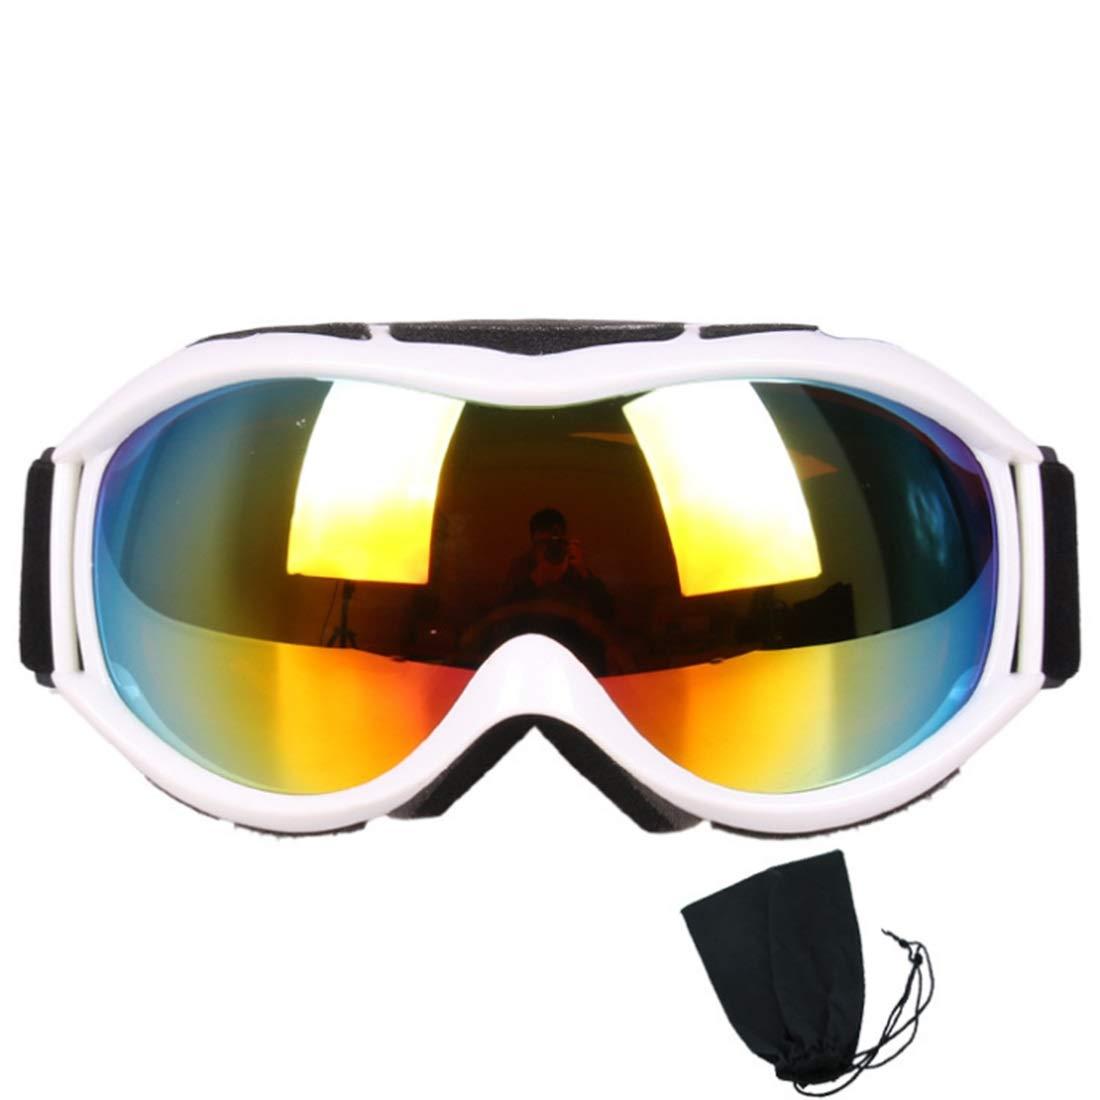 Cvthfyk ex Gafas de esquí, Gafas de Snowboard Protección UV, Lente Doble para Hombres Mujeres y jóvenes Moto de Nieve Esquí Patinaje (Color : 04) Gafas de Snowboard Protección UV